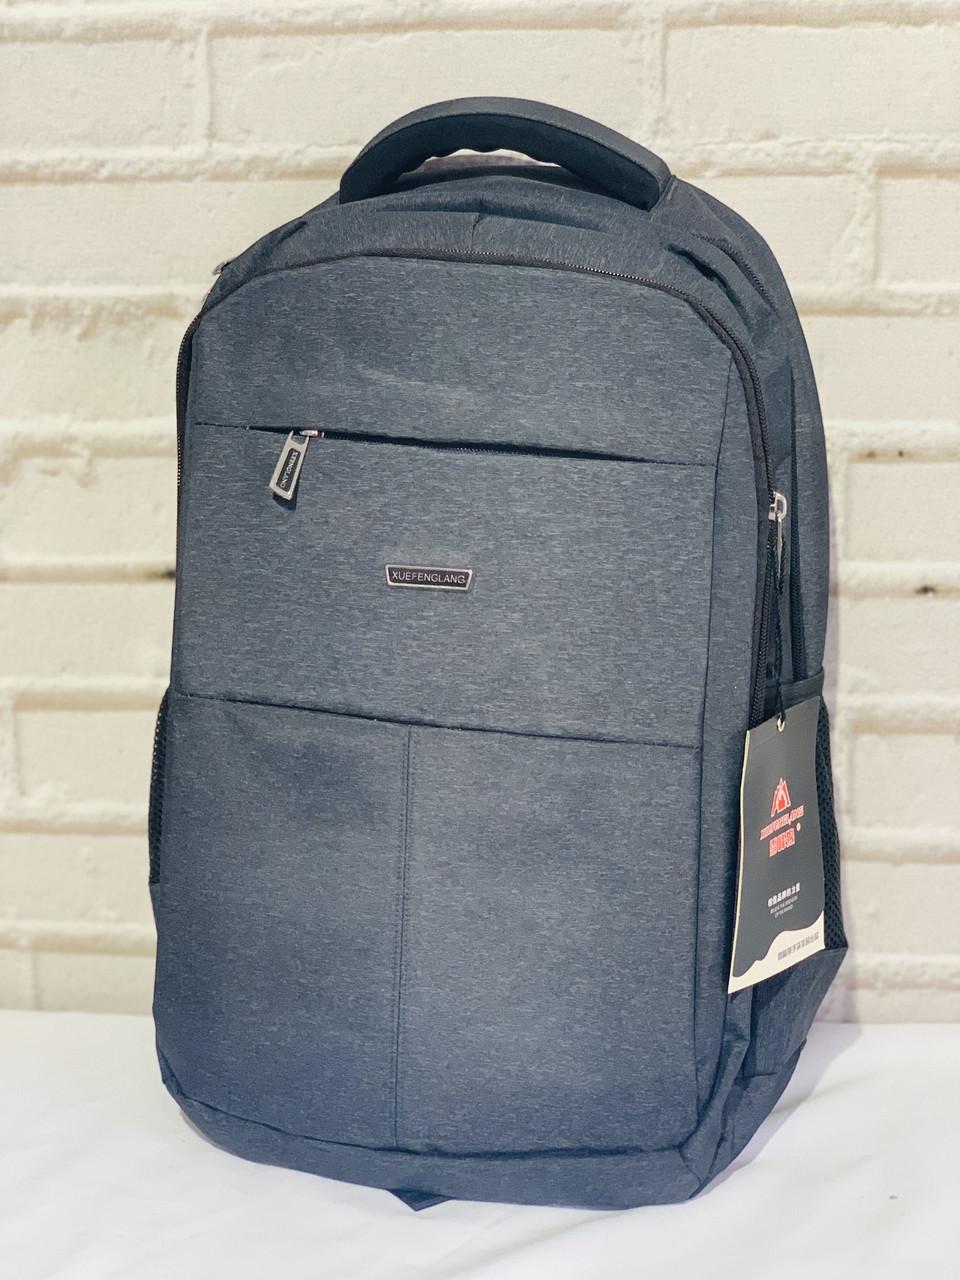 Мужской рюкзак повседневный / Городской универсальный рюкзак